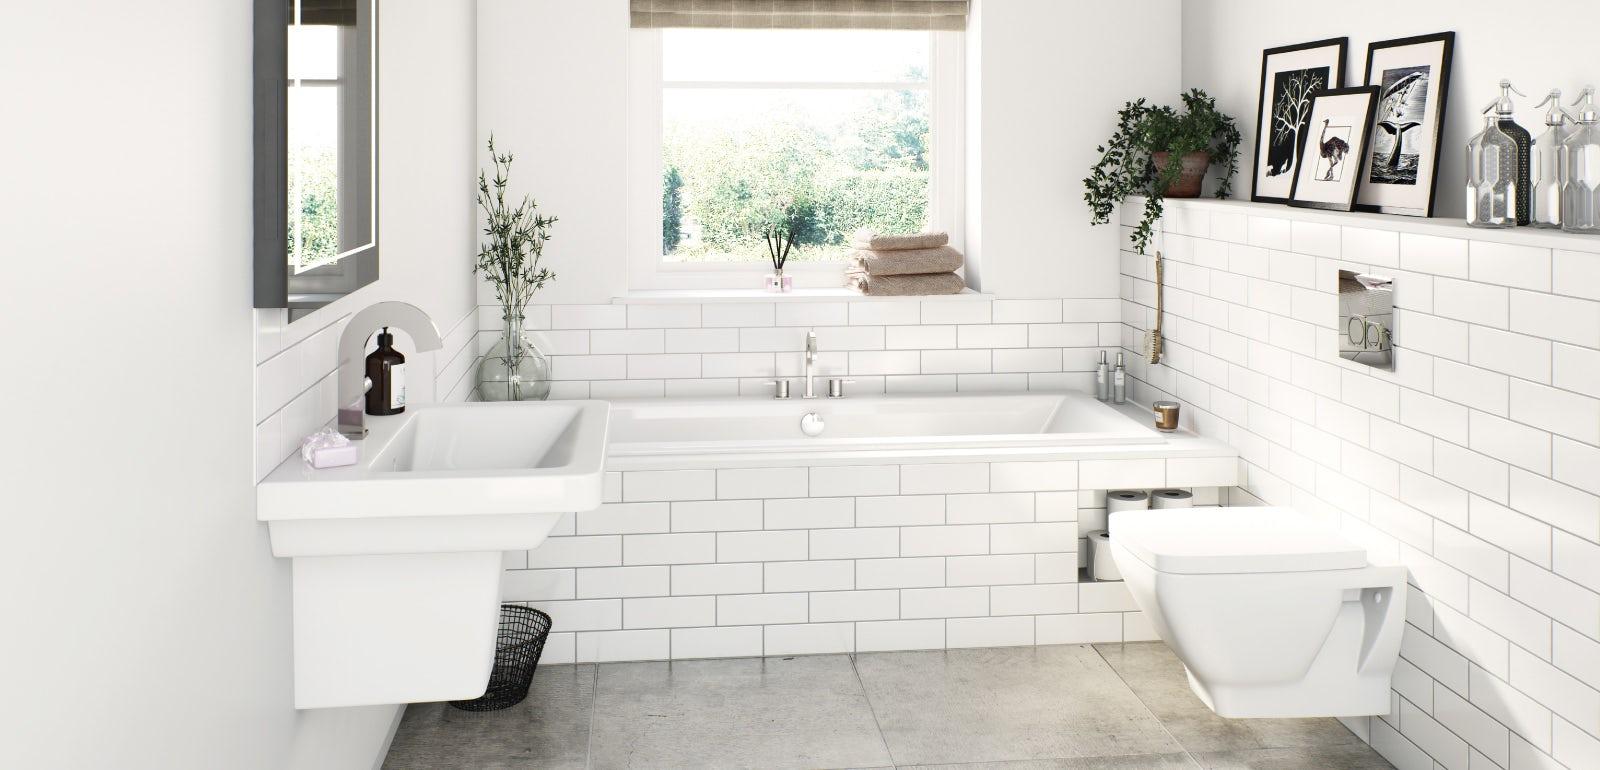 designer bathroom suites: 5 of the best | victoriaplum